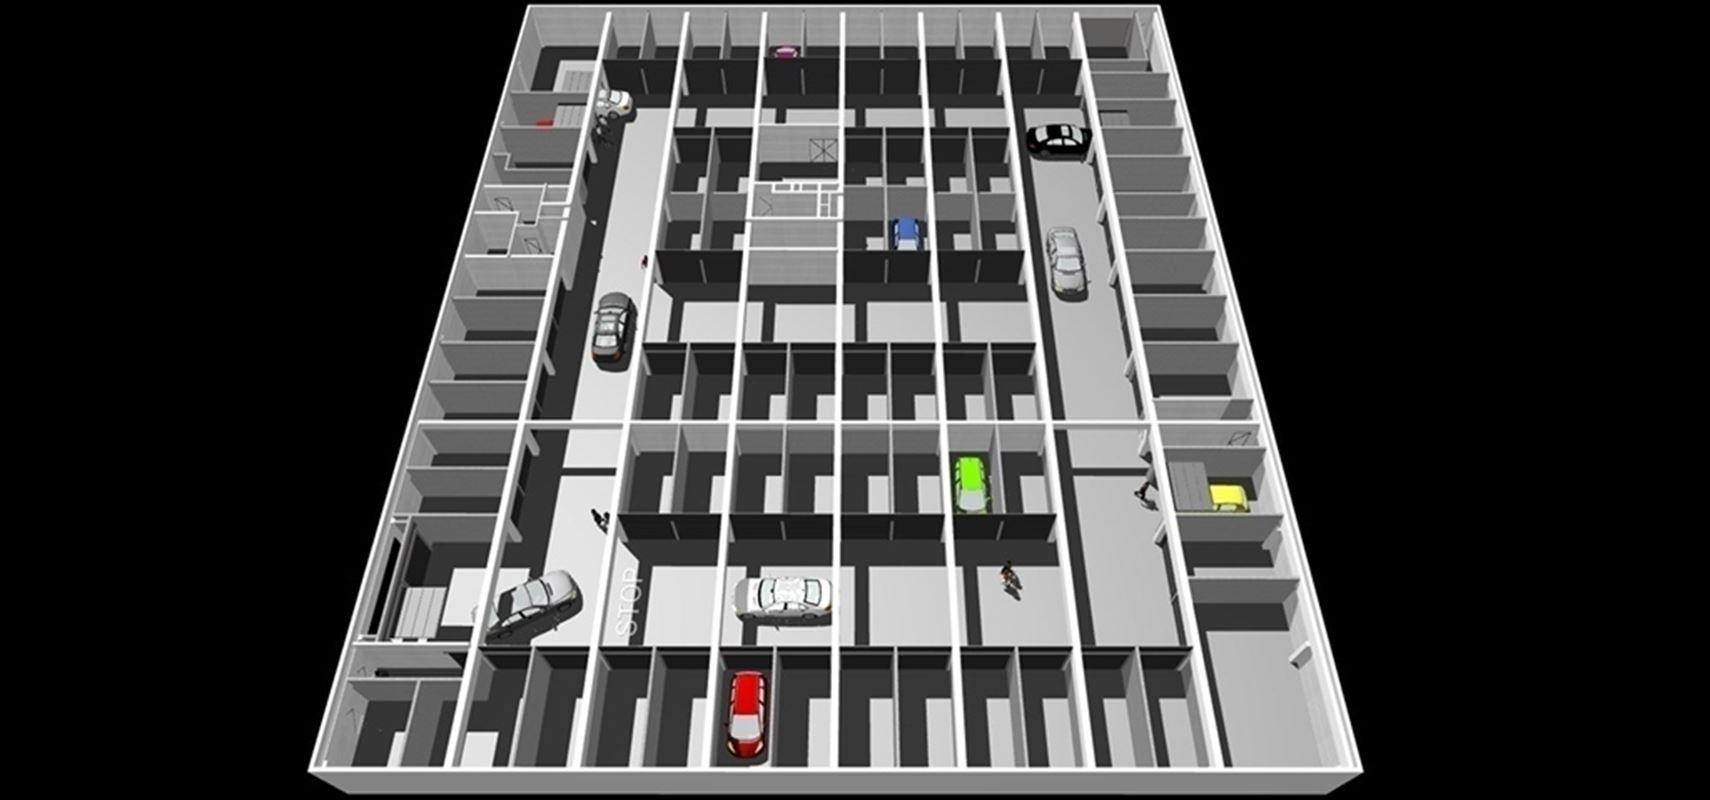 GARAGES en plein centre-ville de Mouscron -  sous-sols, sous surveillance vidéo, avec accès sécurisé, nettoyage hebdomadaire, porte sectionnelle motorisée, électricité et alarme incendie. 056 / 554 000